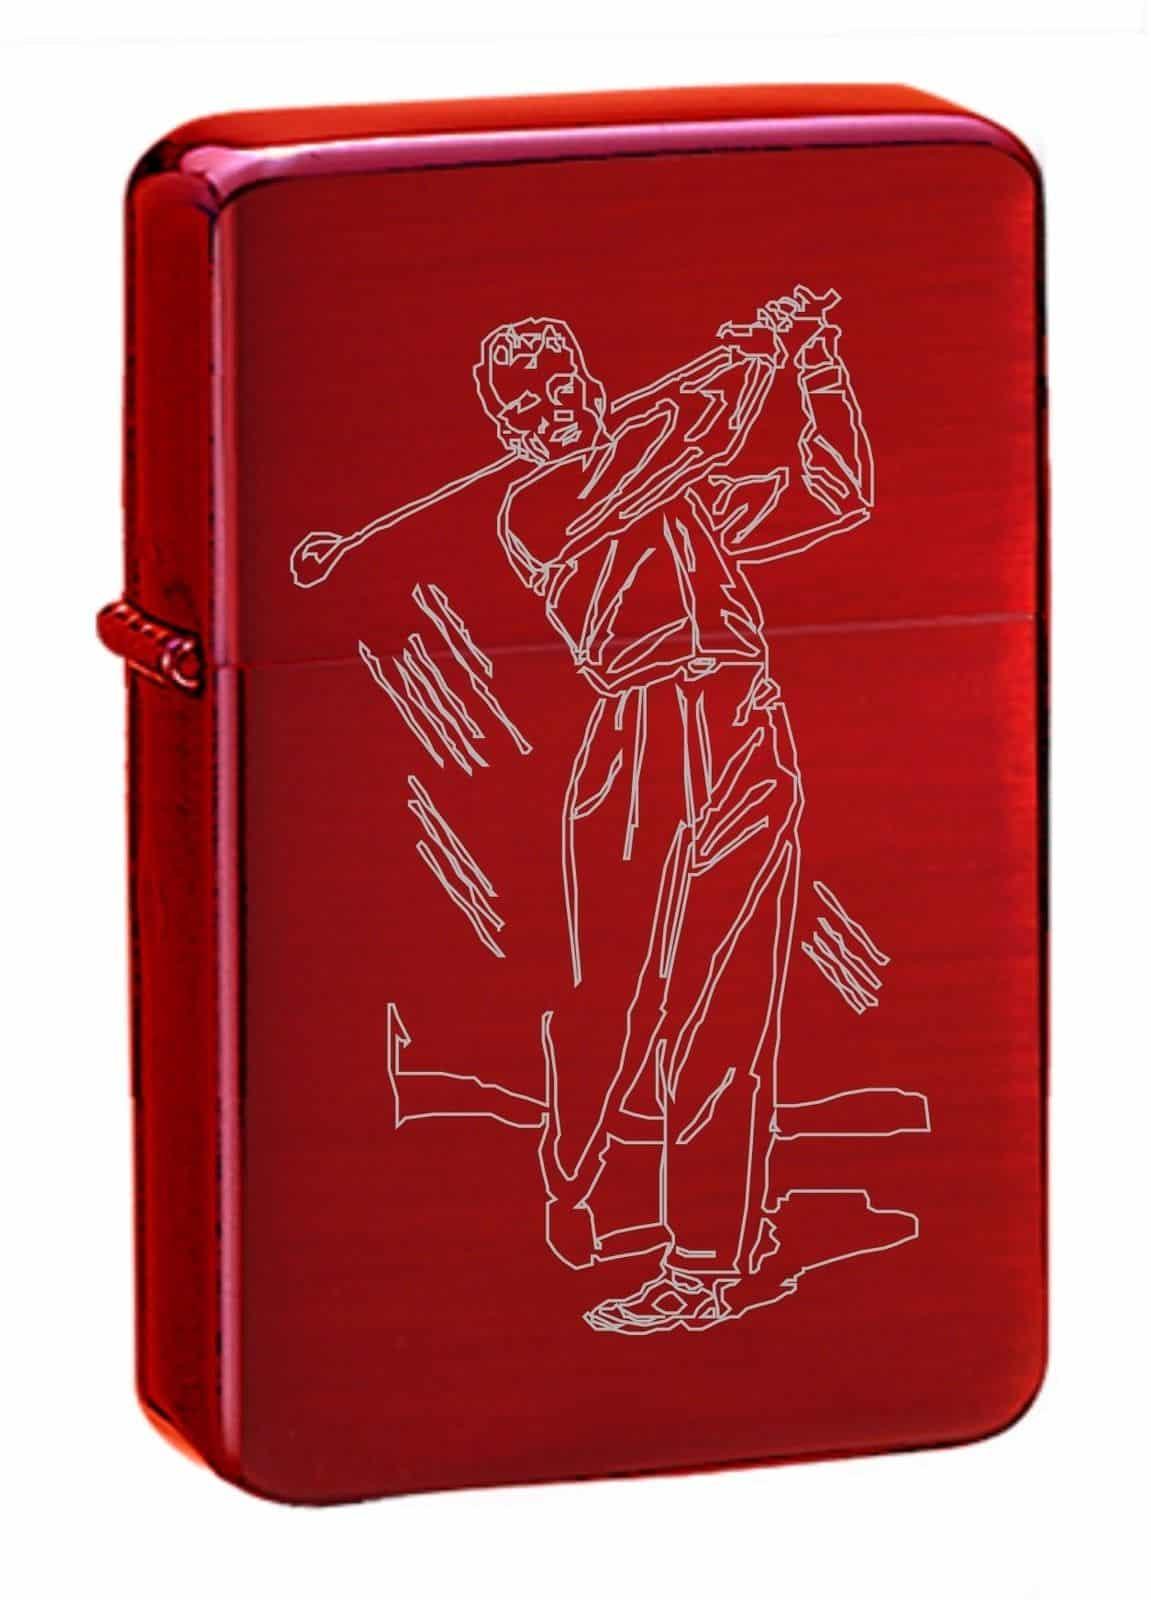 golfer-red-ice